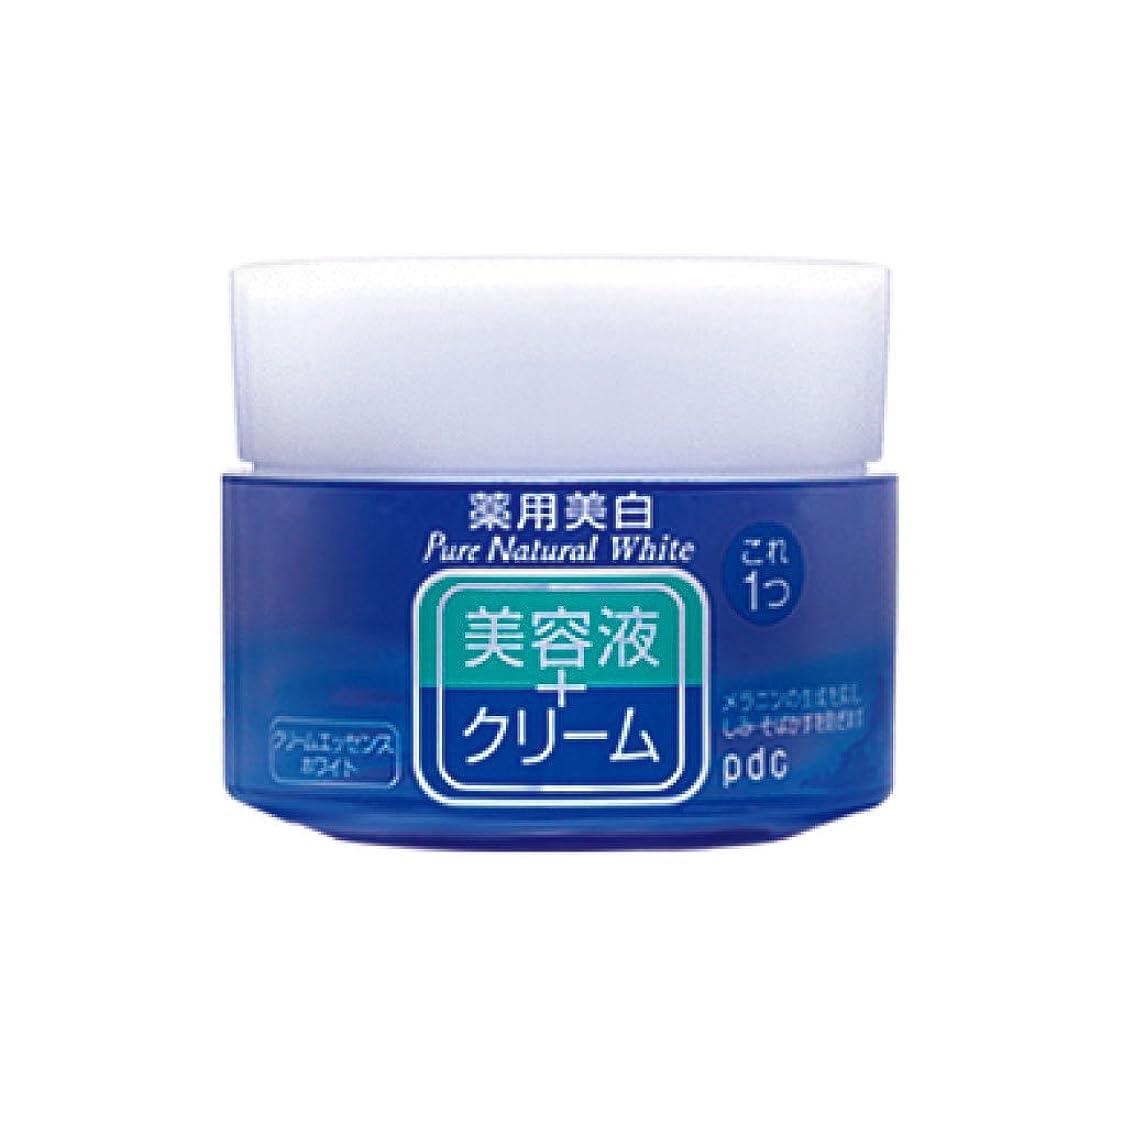 吸収環境に優しい用心深いPure NATURAL(ピュアナチュラル) クリームエッセンス ホワイト 100g (医薬部外品)